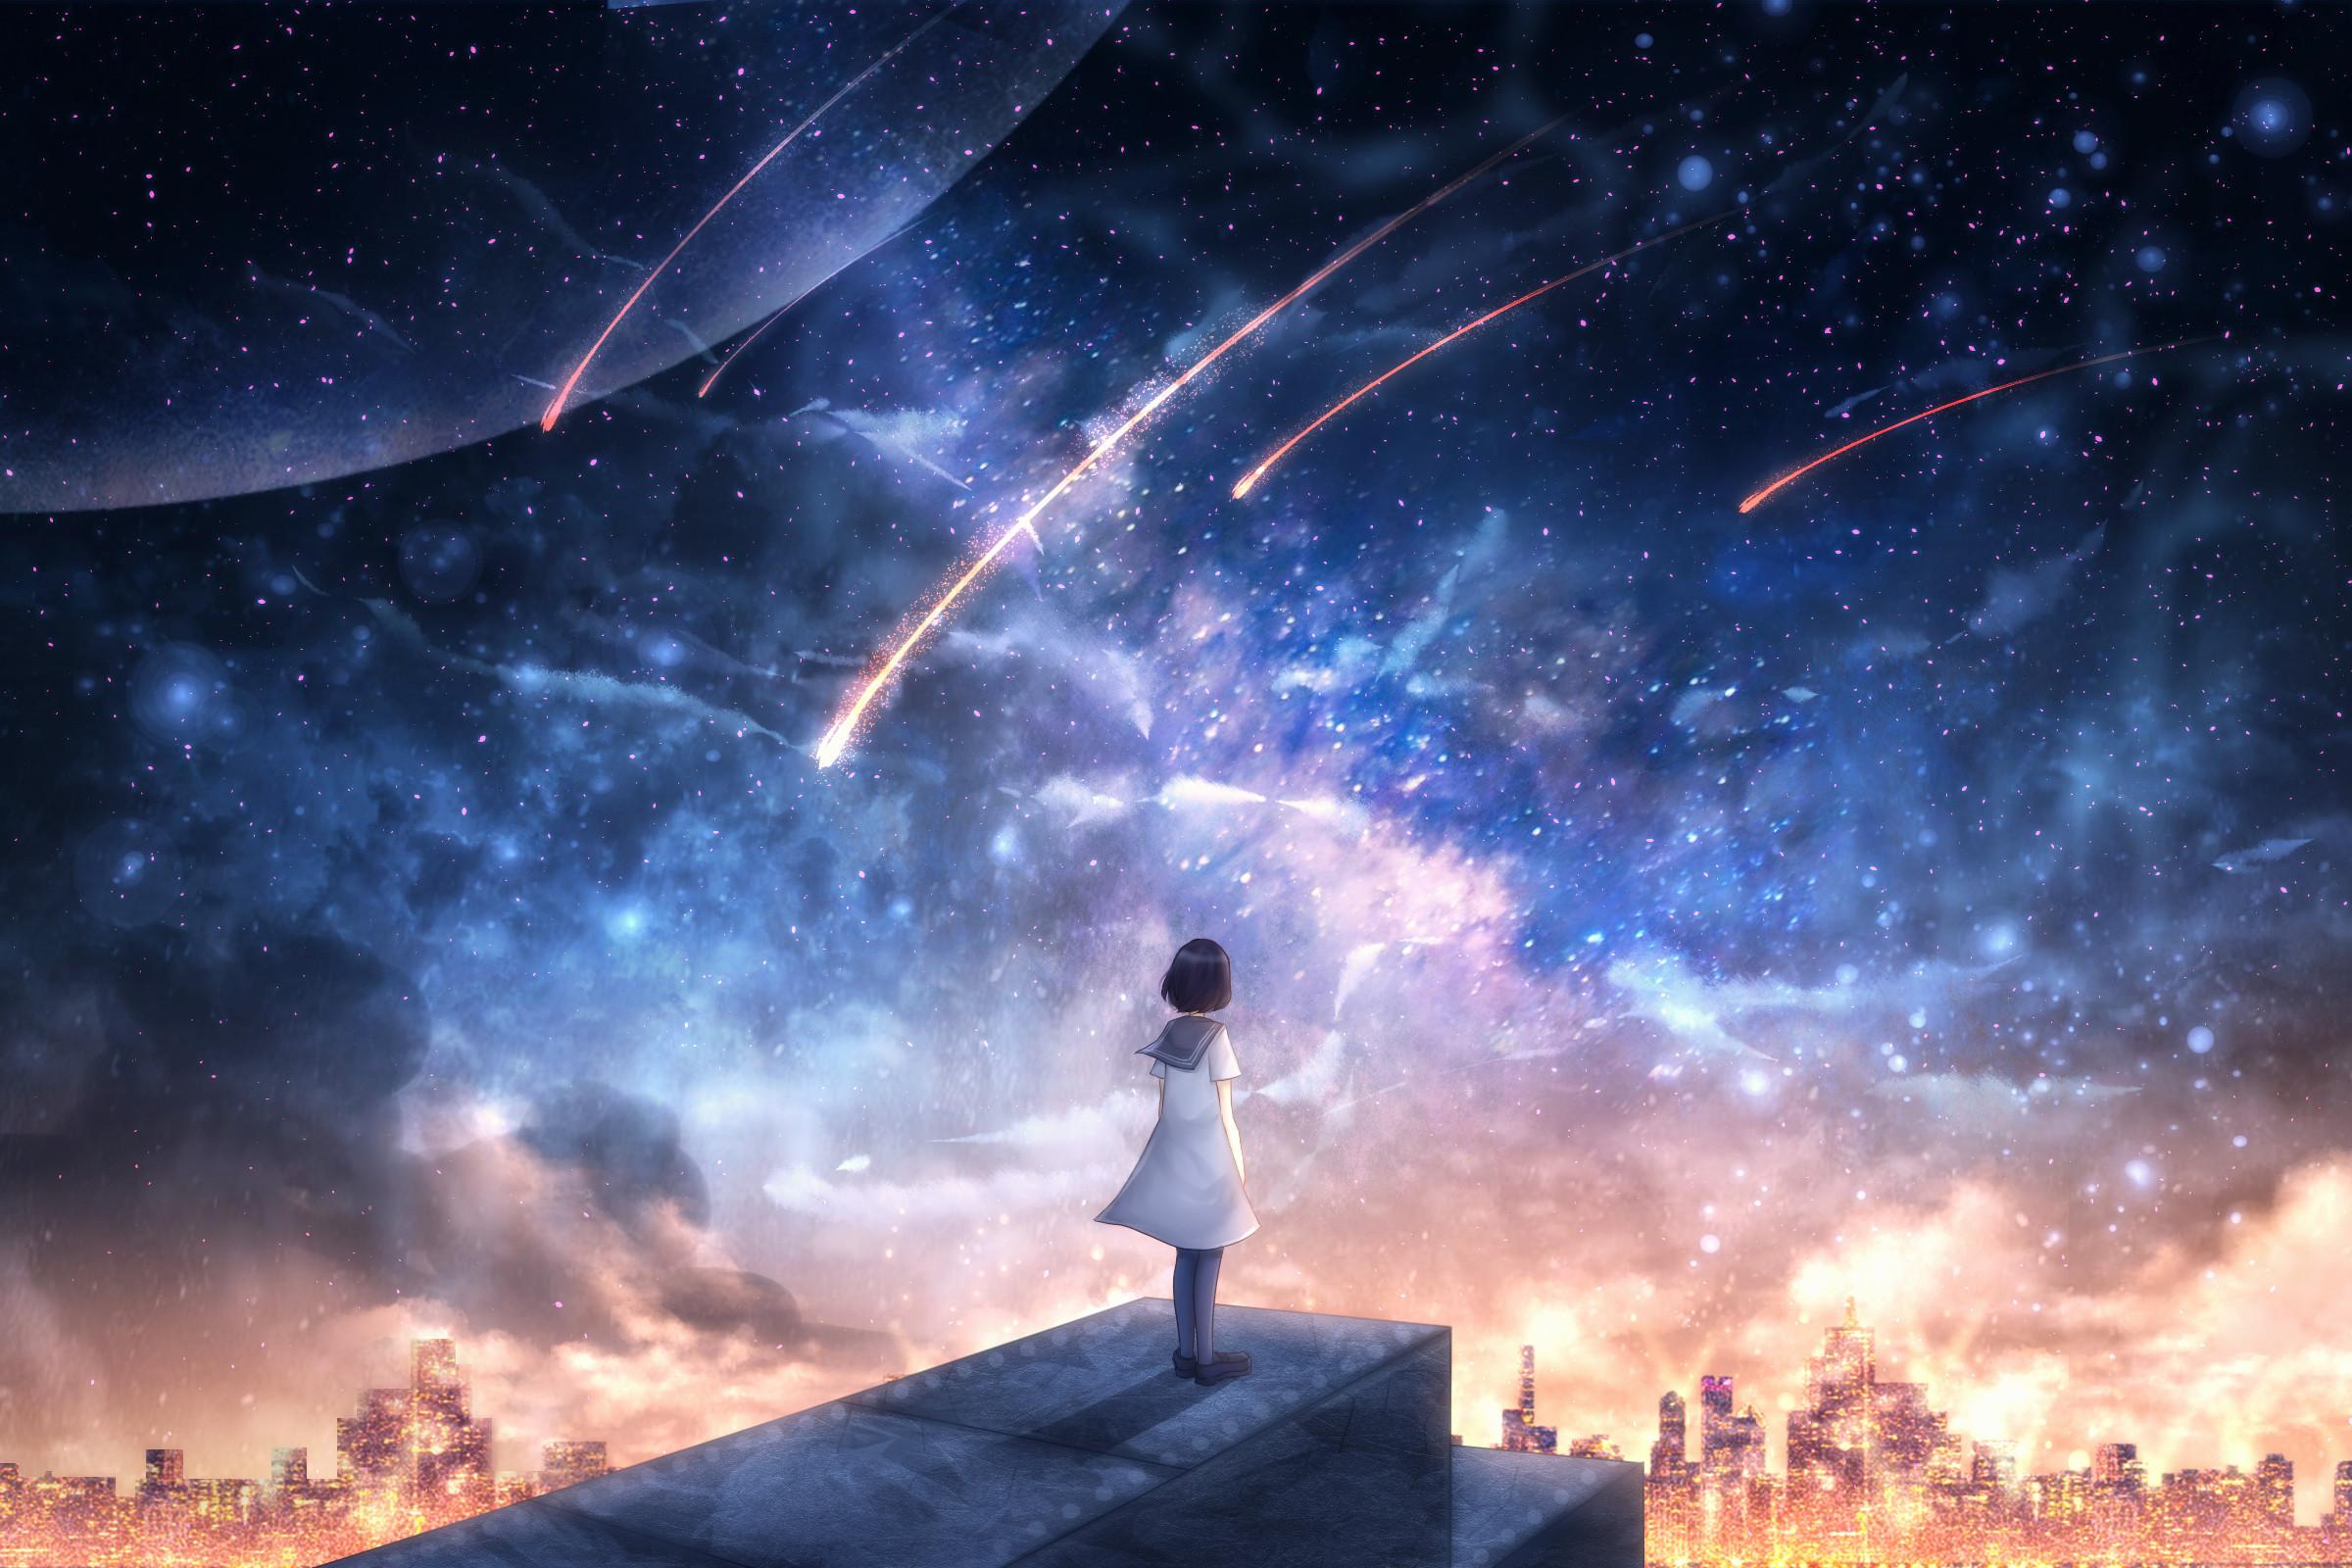 152827 скачать обои Арт, Девушка, Звездопад, Космос - заставки и картинки бесплатно